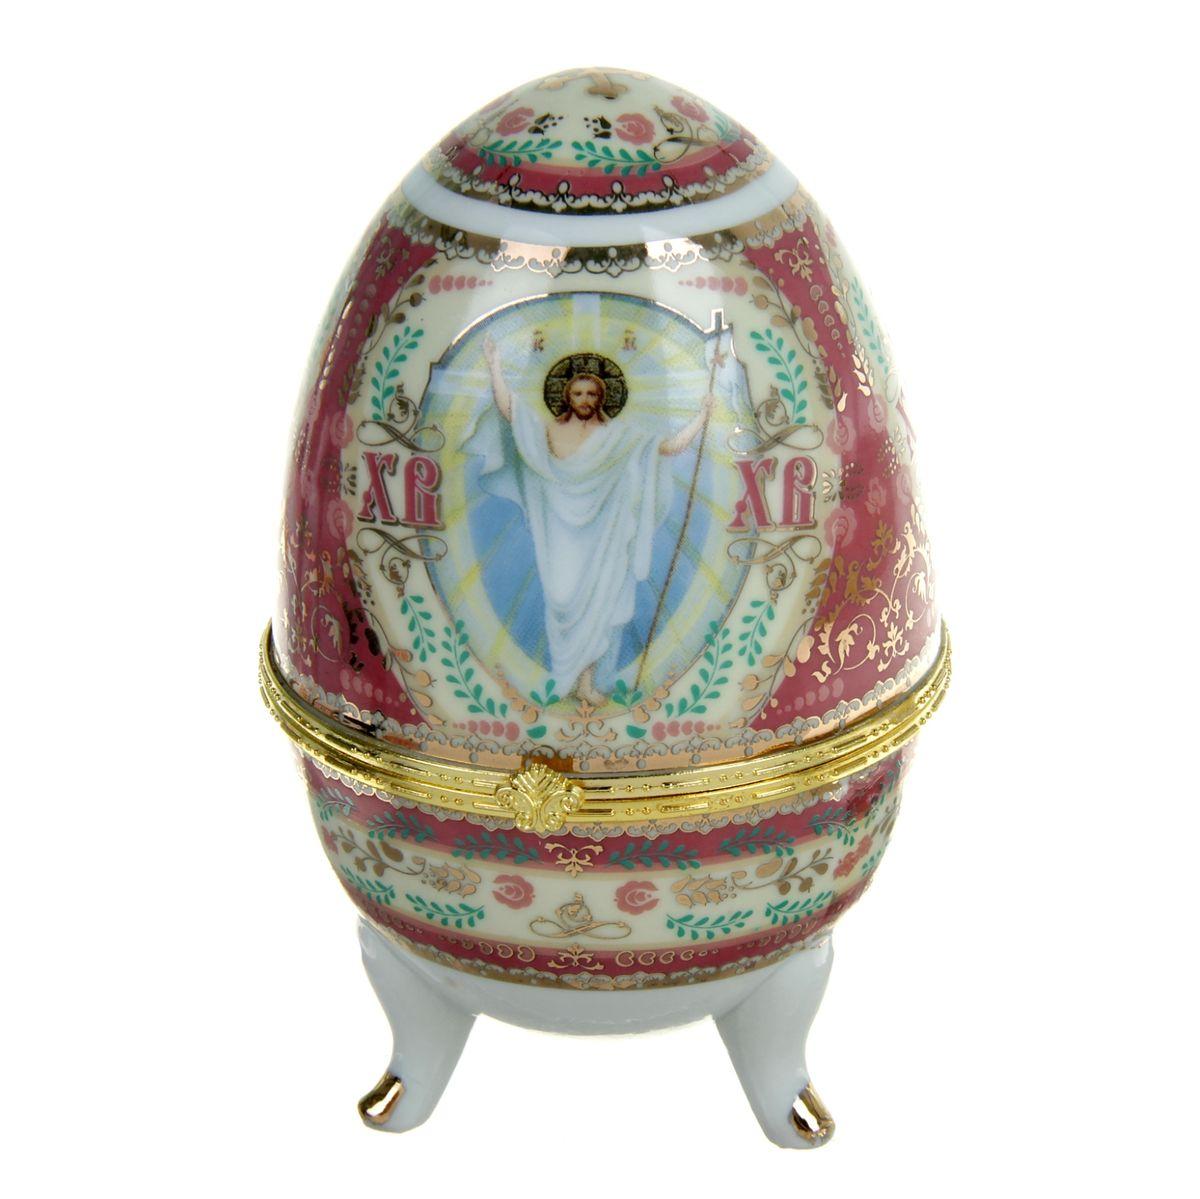 Яйцо-шкатулка Sima-land Воскресение Христово, высота 12 см воскресение бога воплощенного